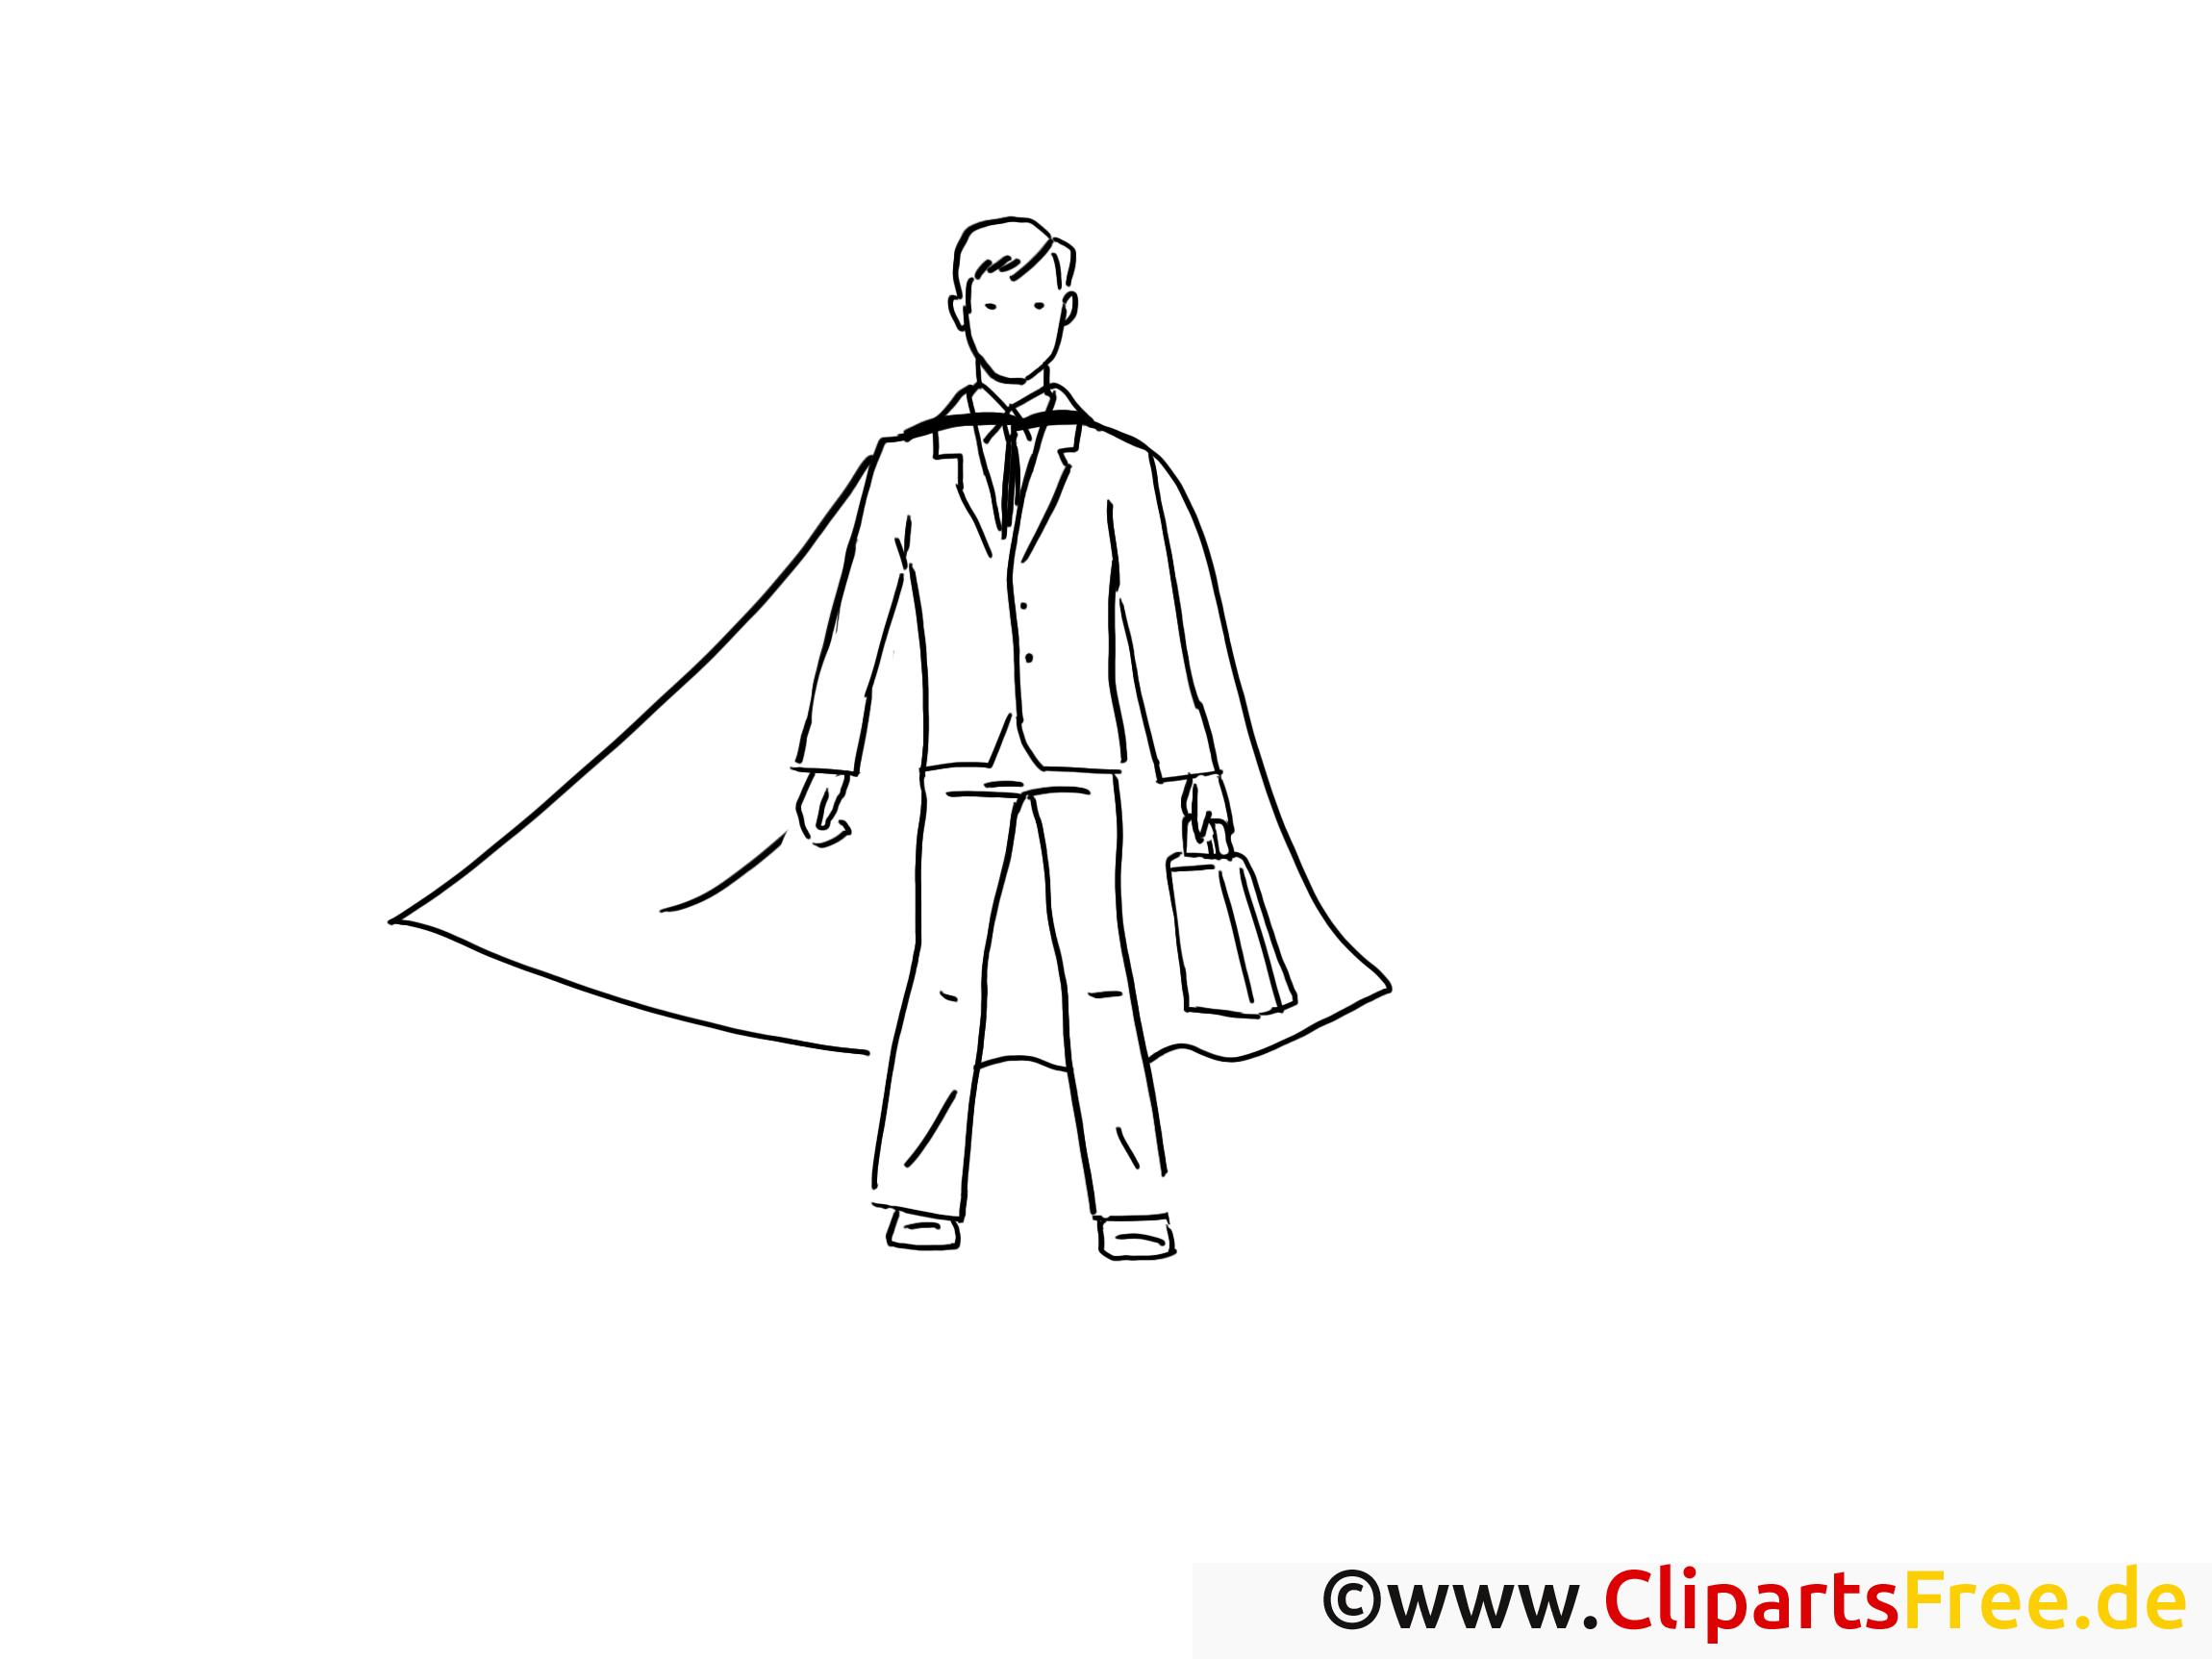 Super Man Malvorlage - Bilder zum Ausdrucken